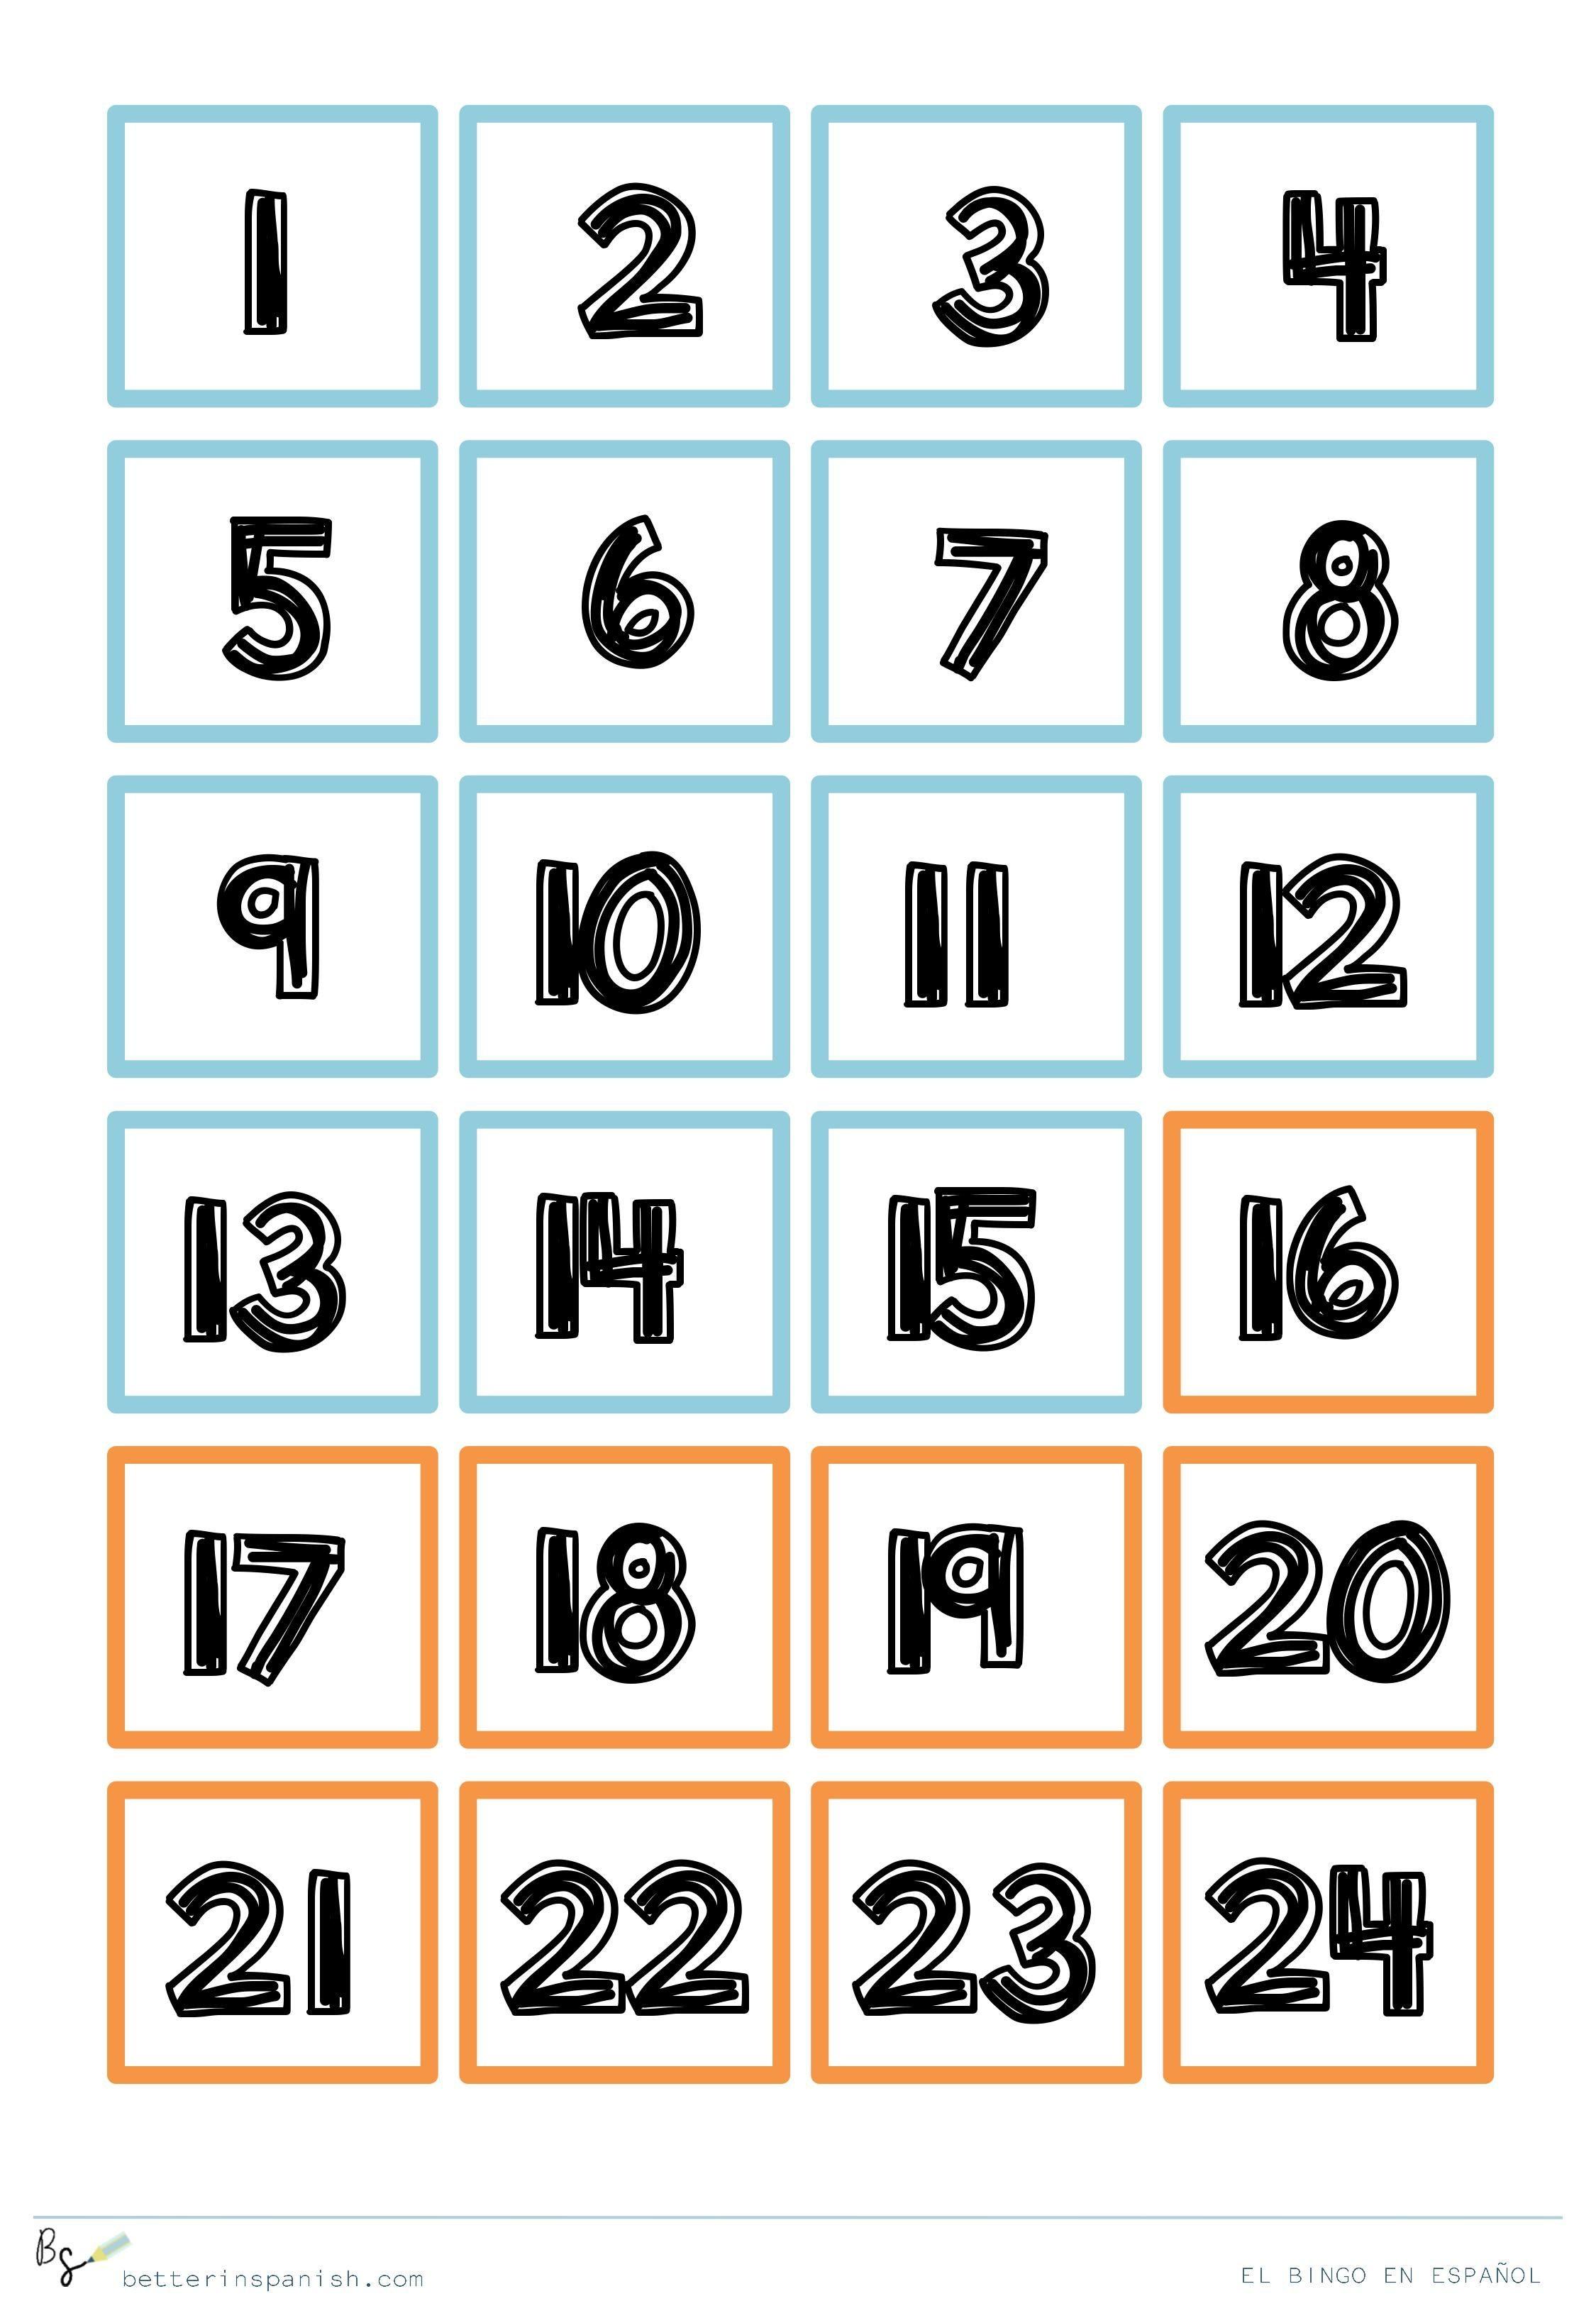 Ficha de nºmeros para jugar al bingo en espa±ol